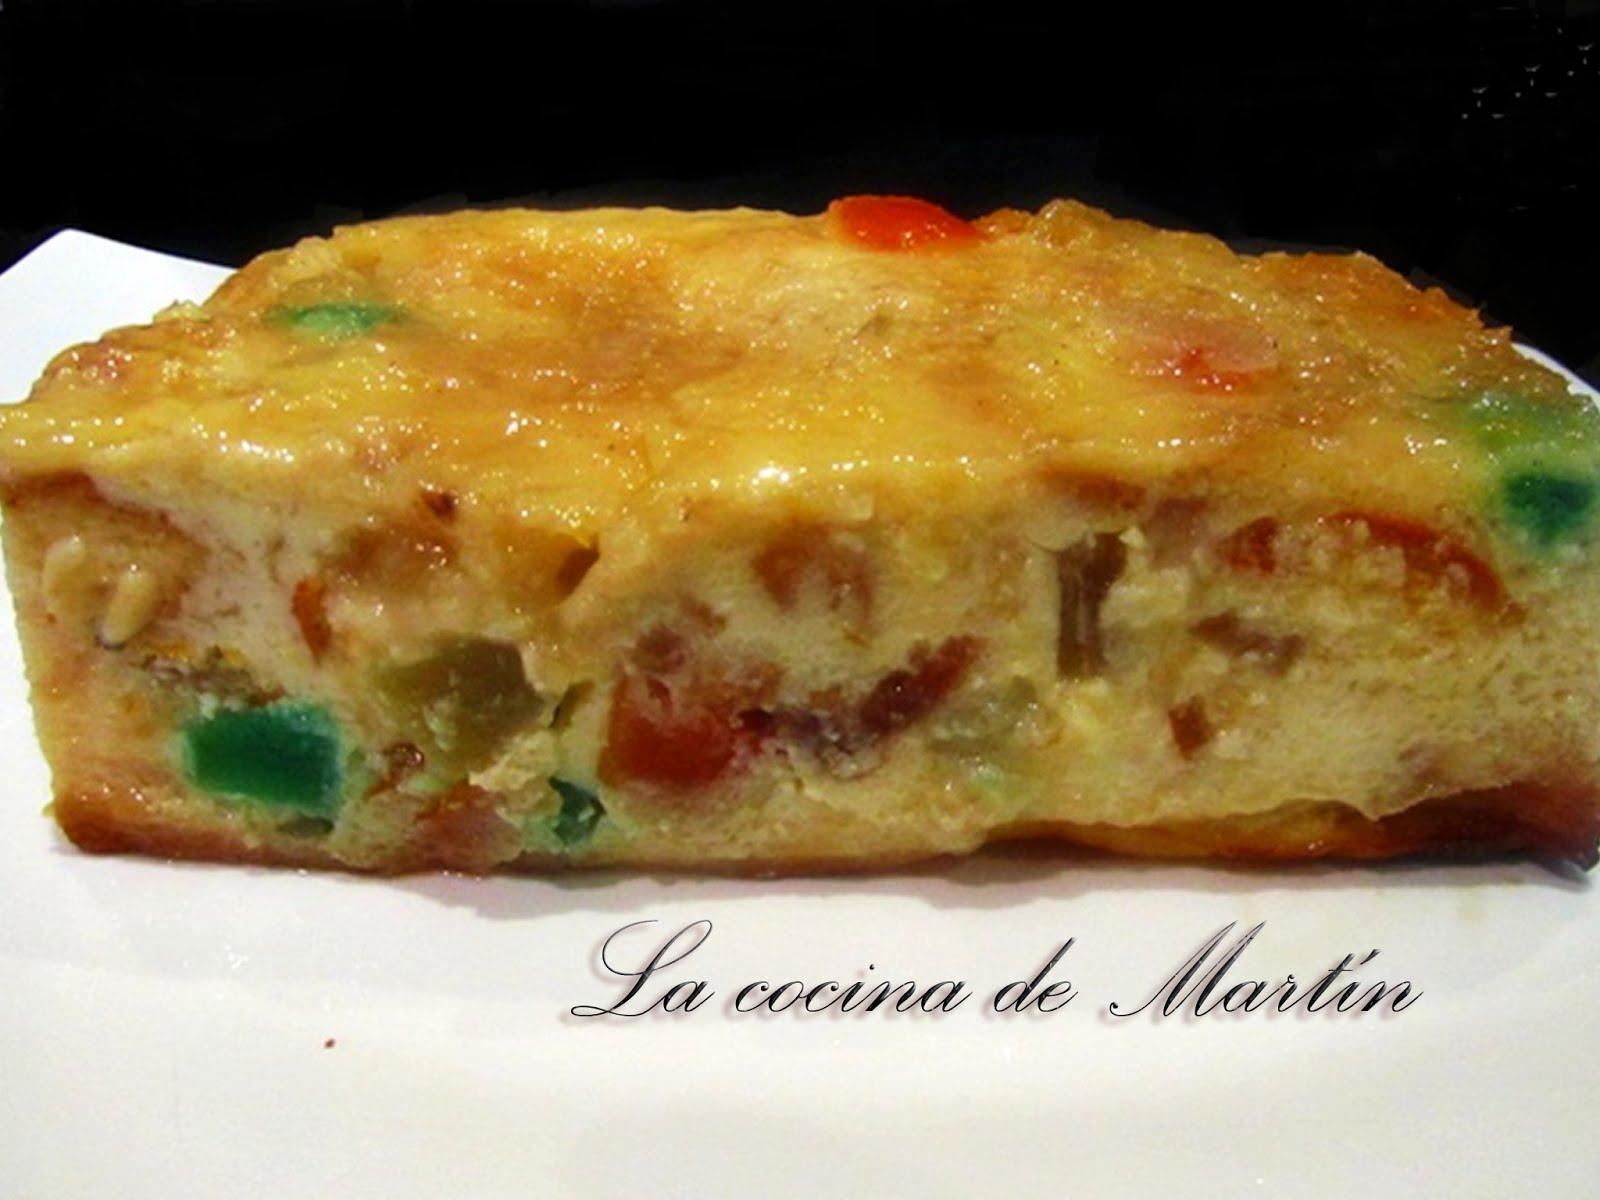 La cocina de mart n dulces postres y helados for La cocina de lechuza postres